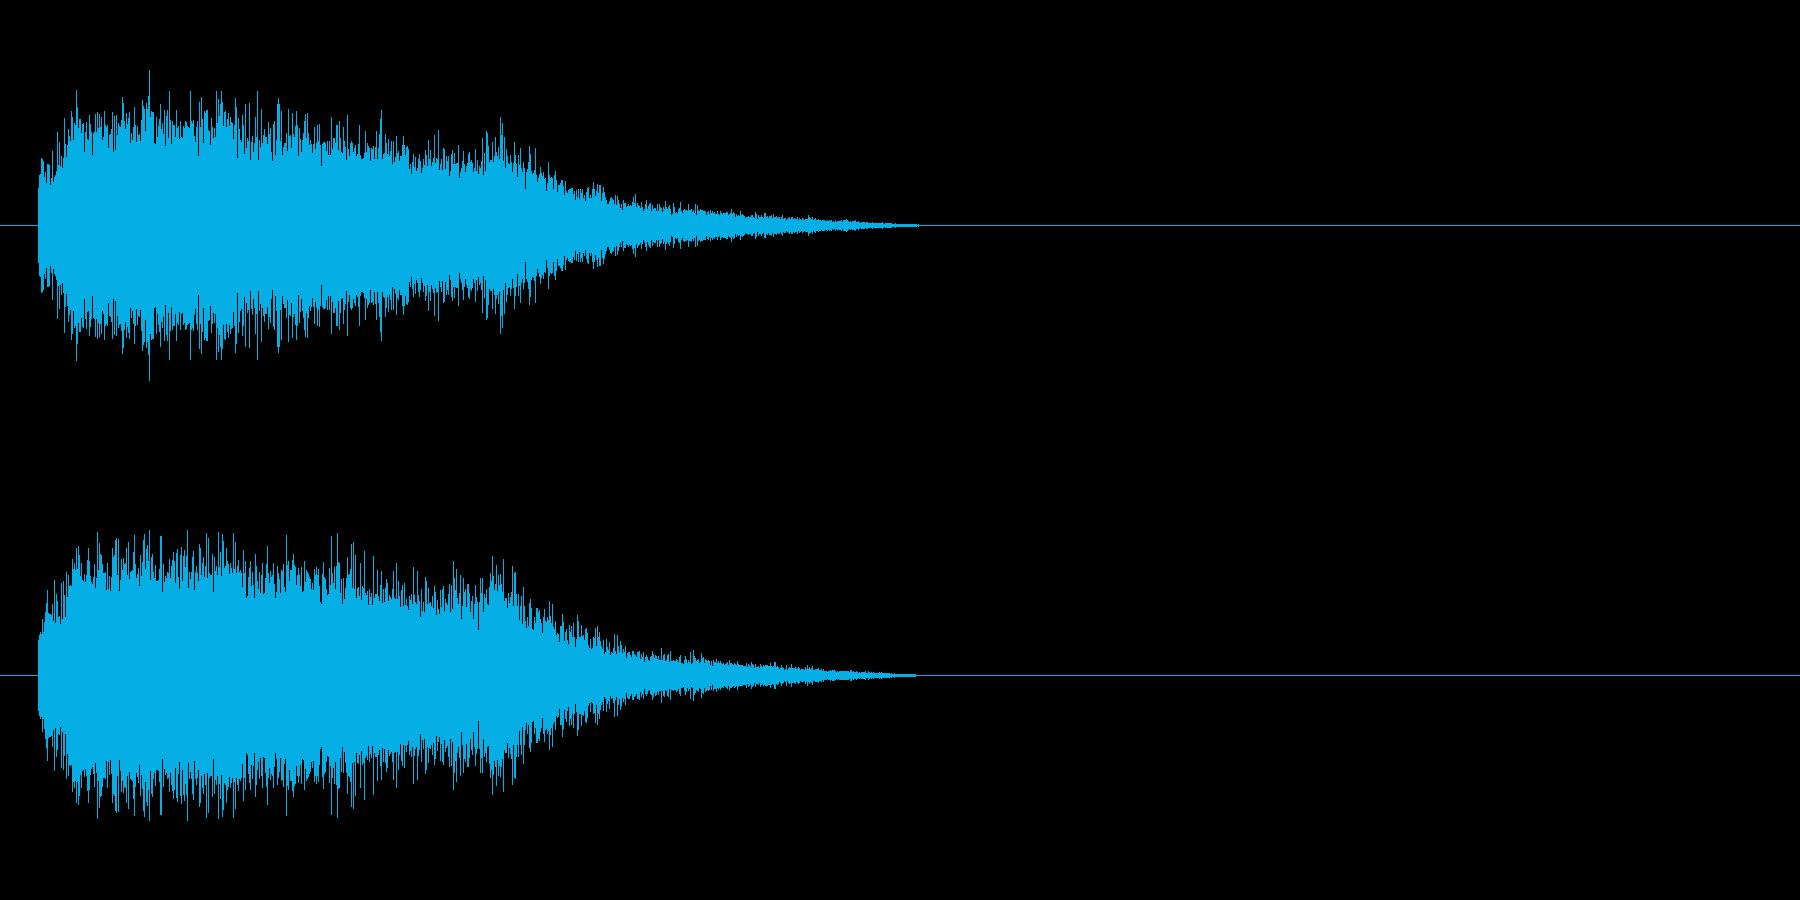 蒸気機関の音の再生済みの波形